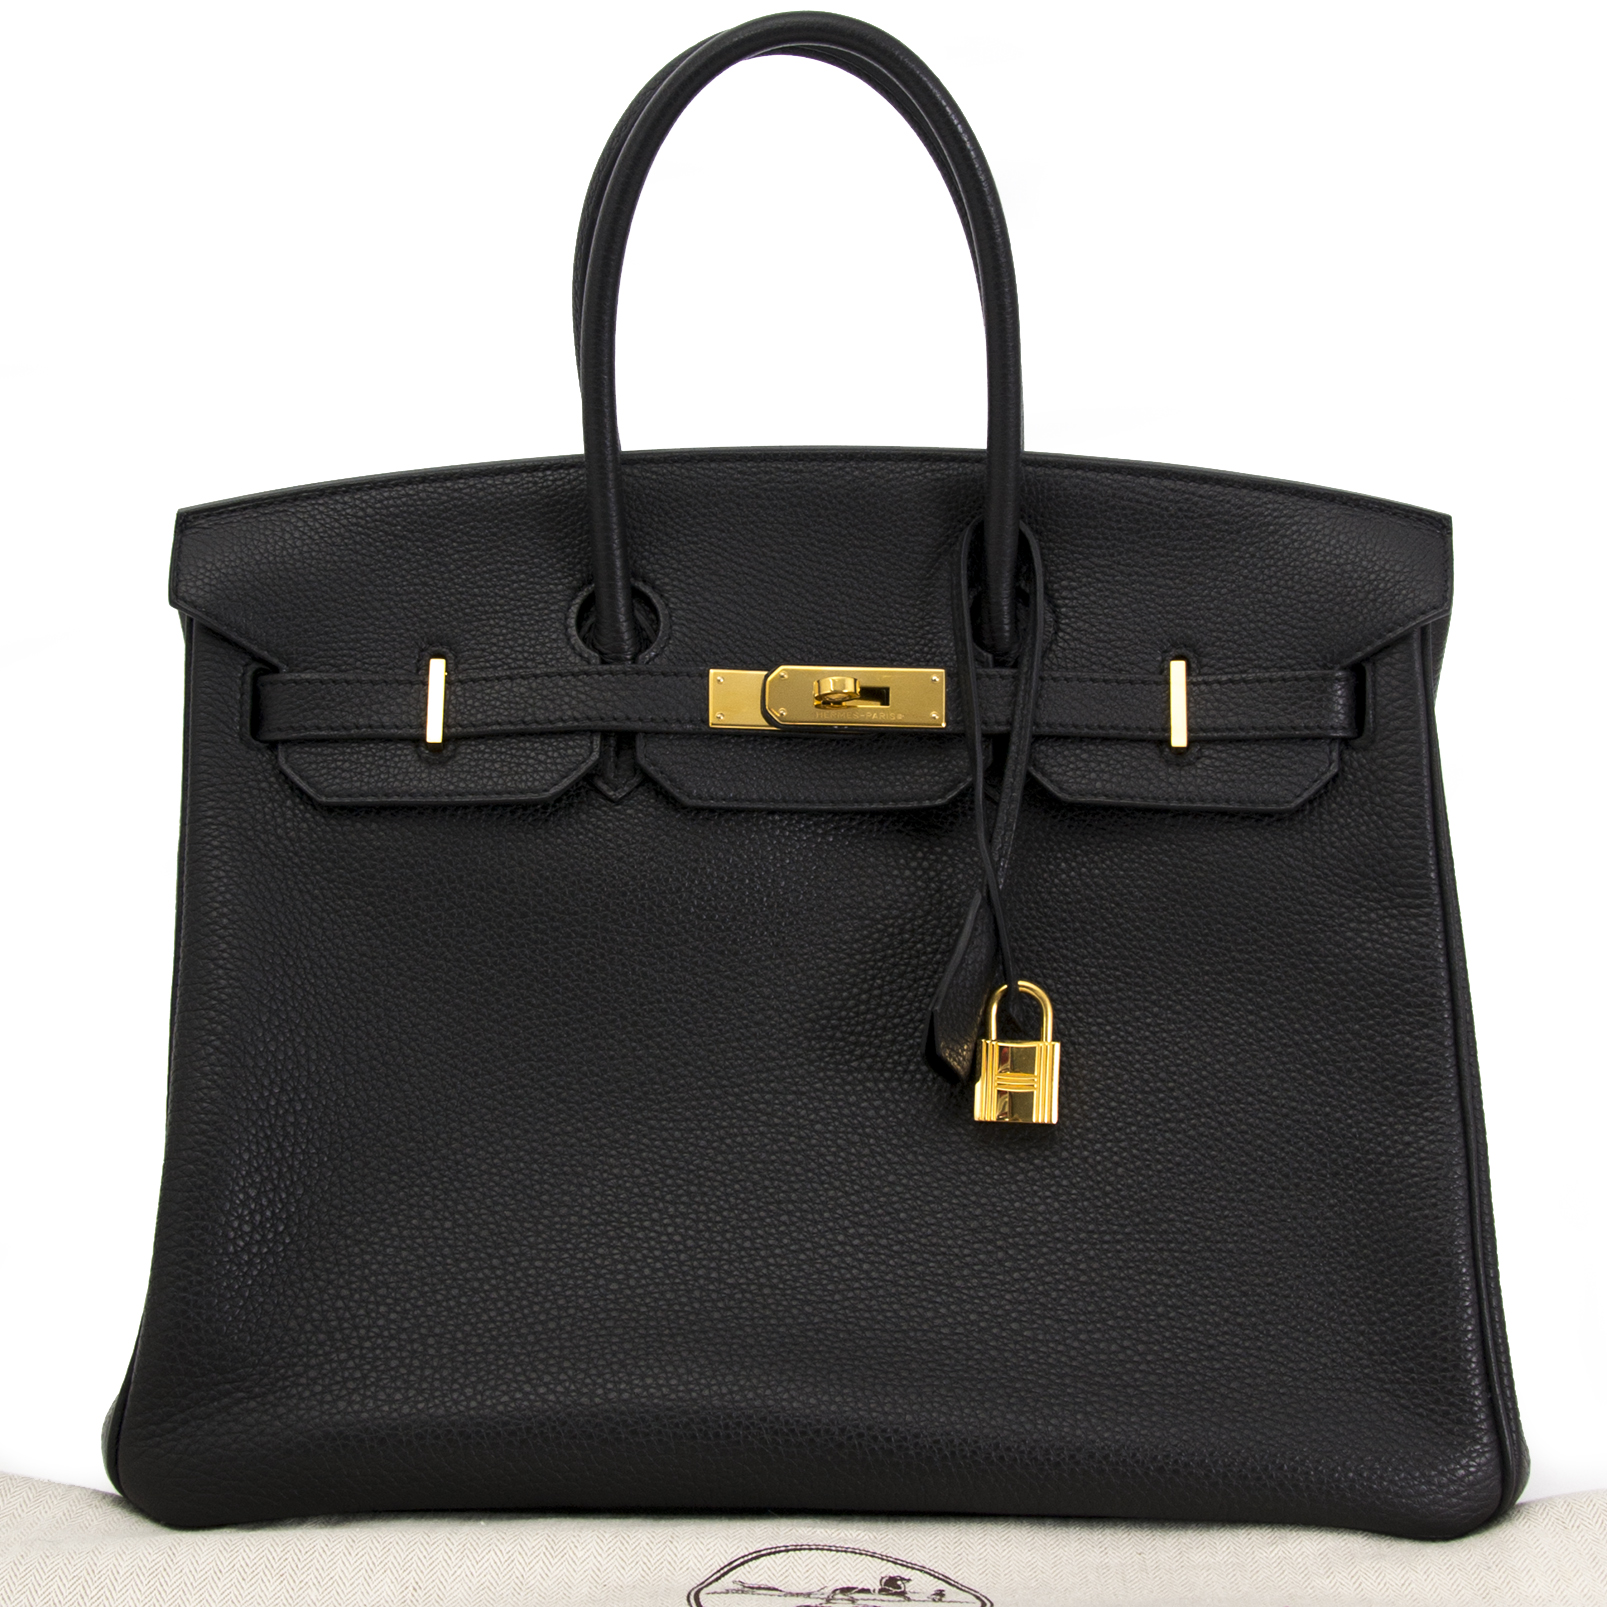 As New Hermes Birkin 35cm black togo GHW te koop bij Labellov in Antwerpen